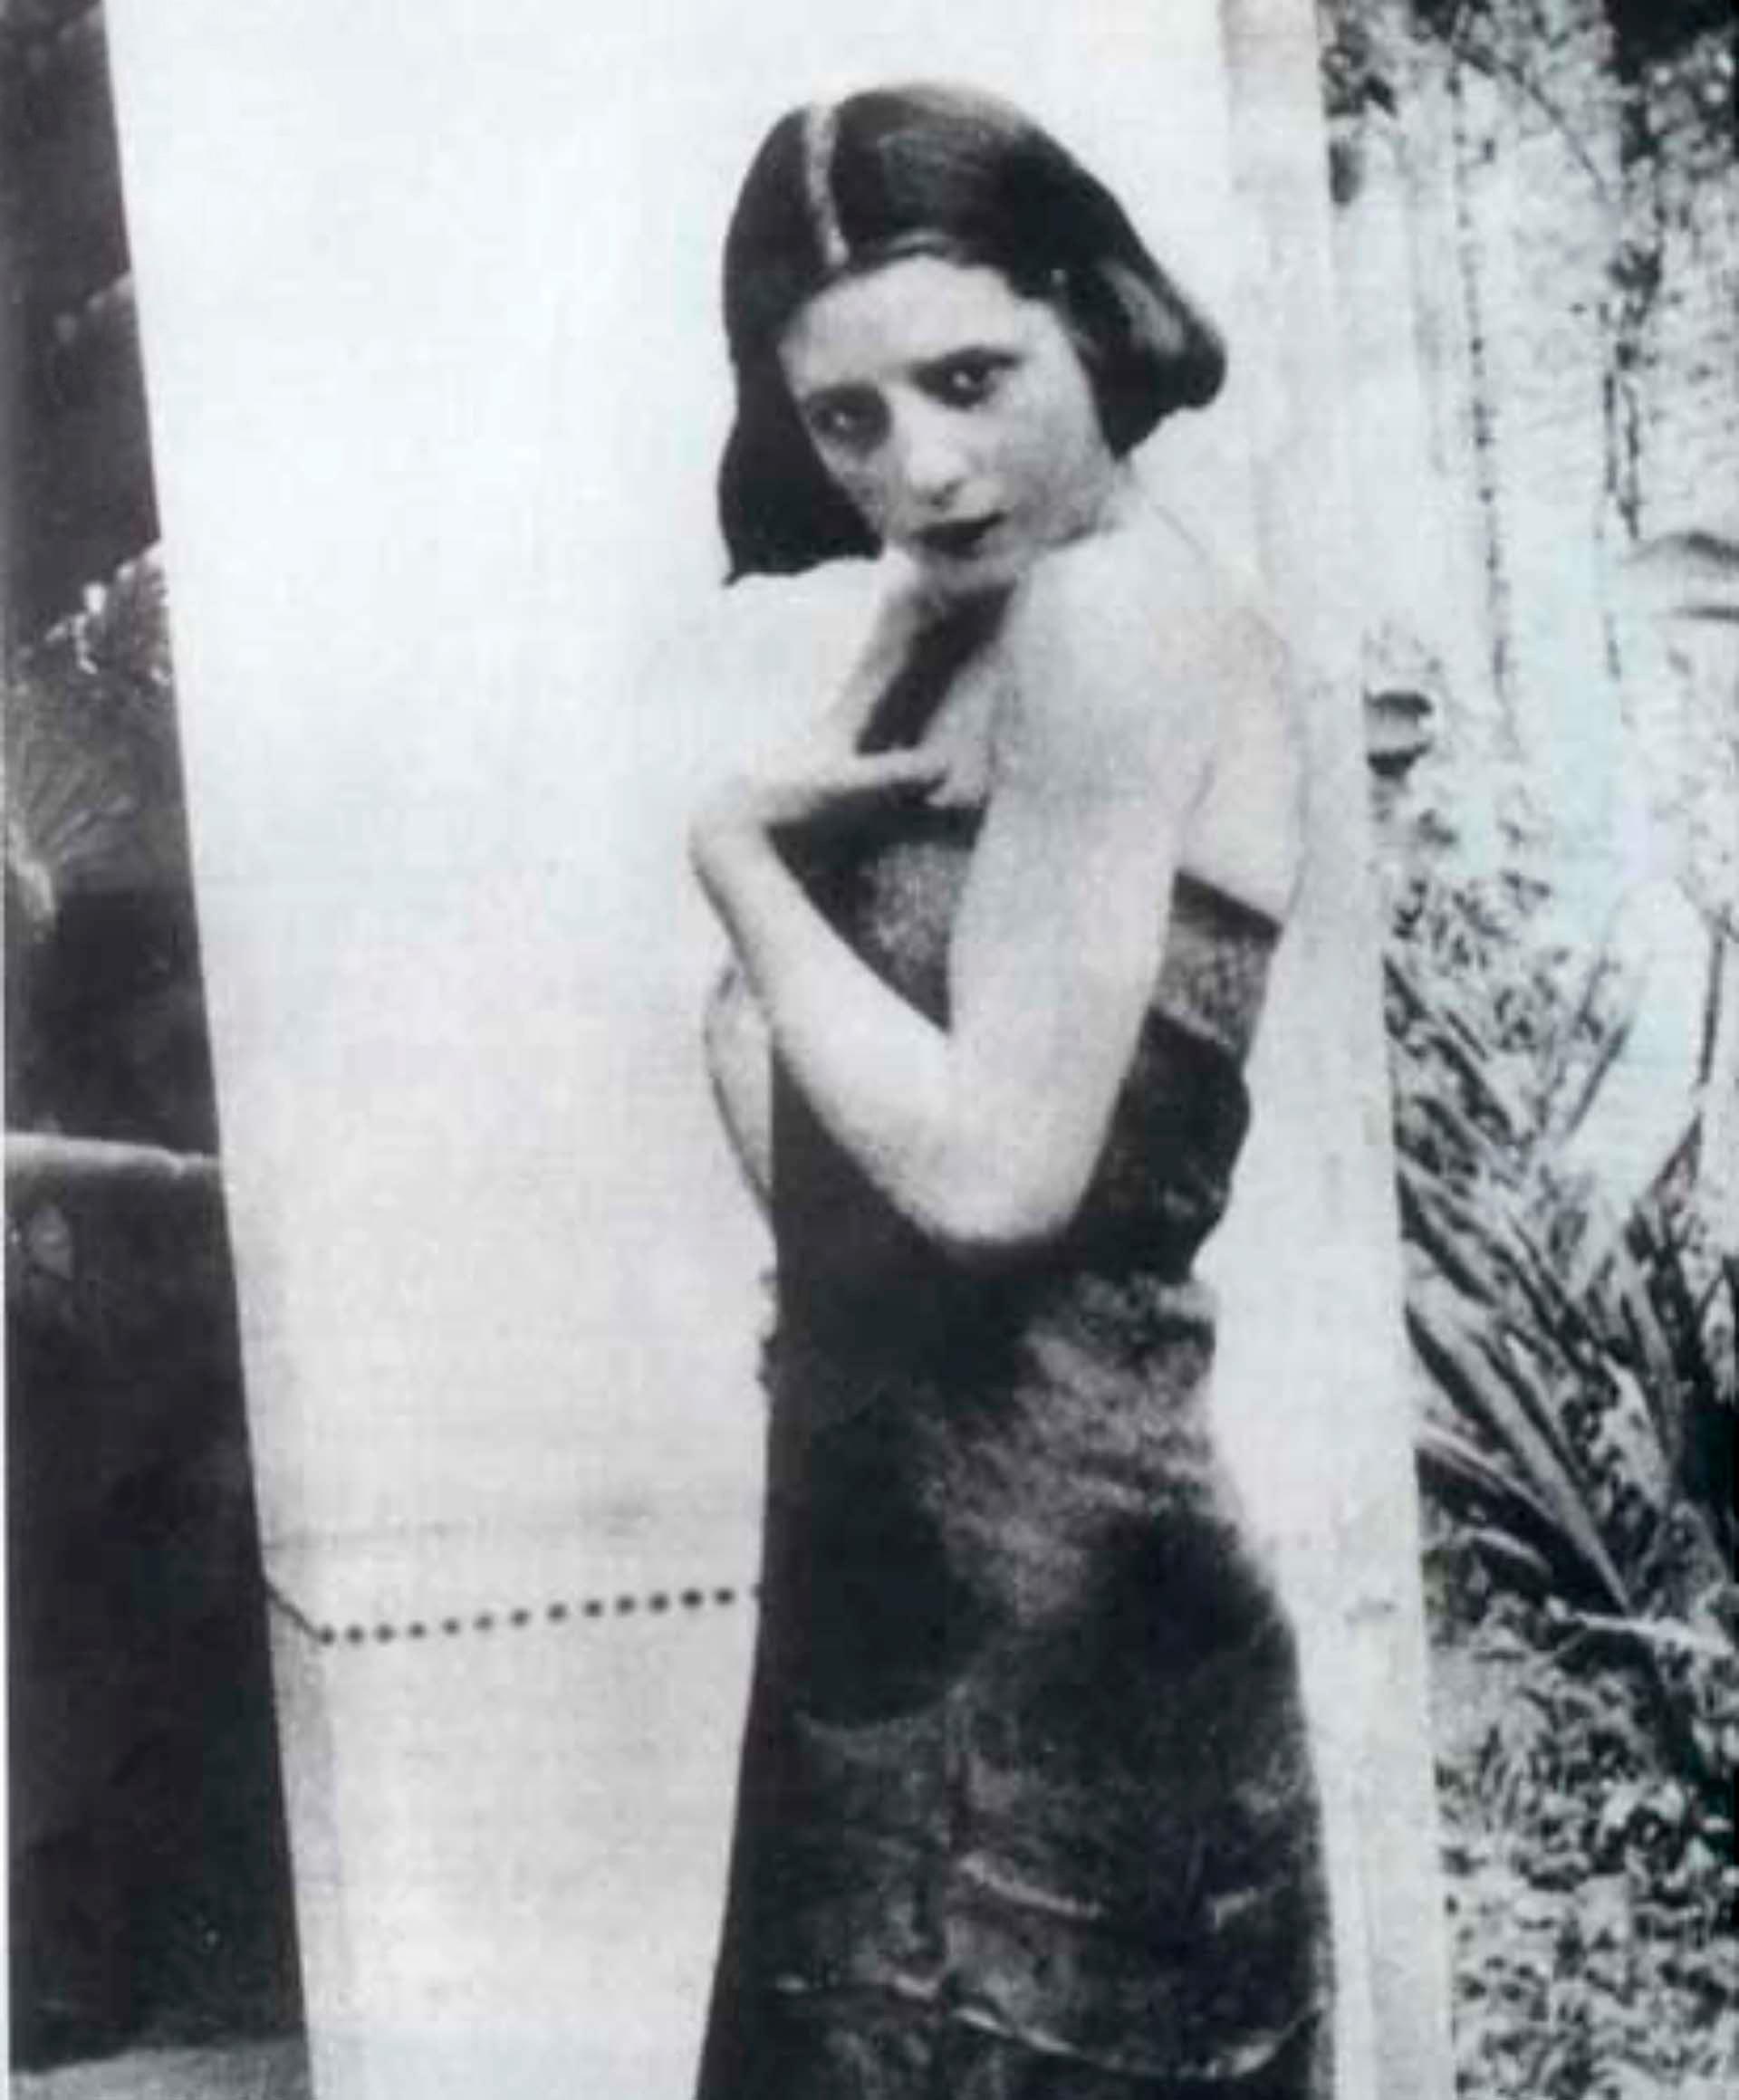 Eva había decidido irse a Buenos Aires para desarrollar su carrera actoral. Llegó a la gran metrópolis con apenas 15 años. La carrera artística era uno de los pocos caminos hacia la independencia para una mujer